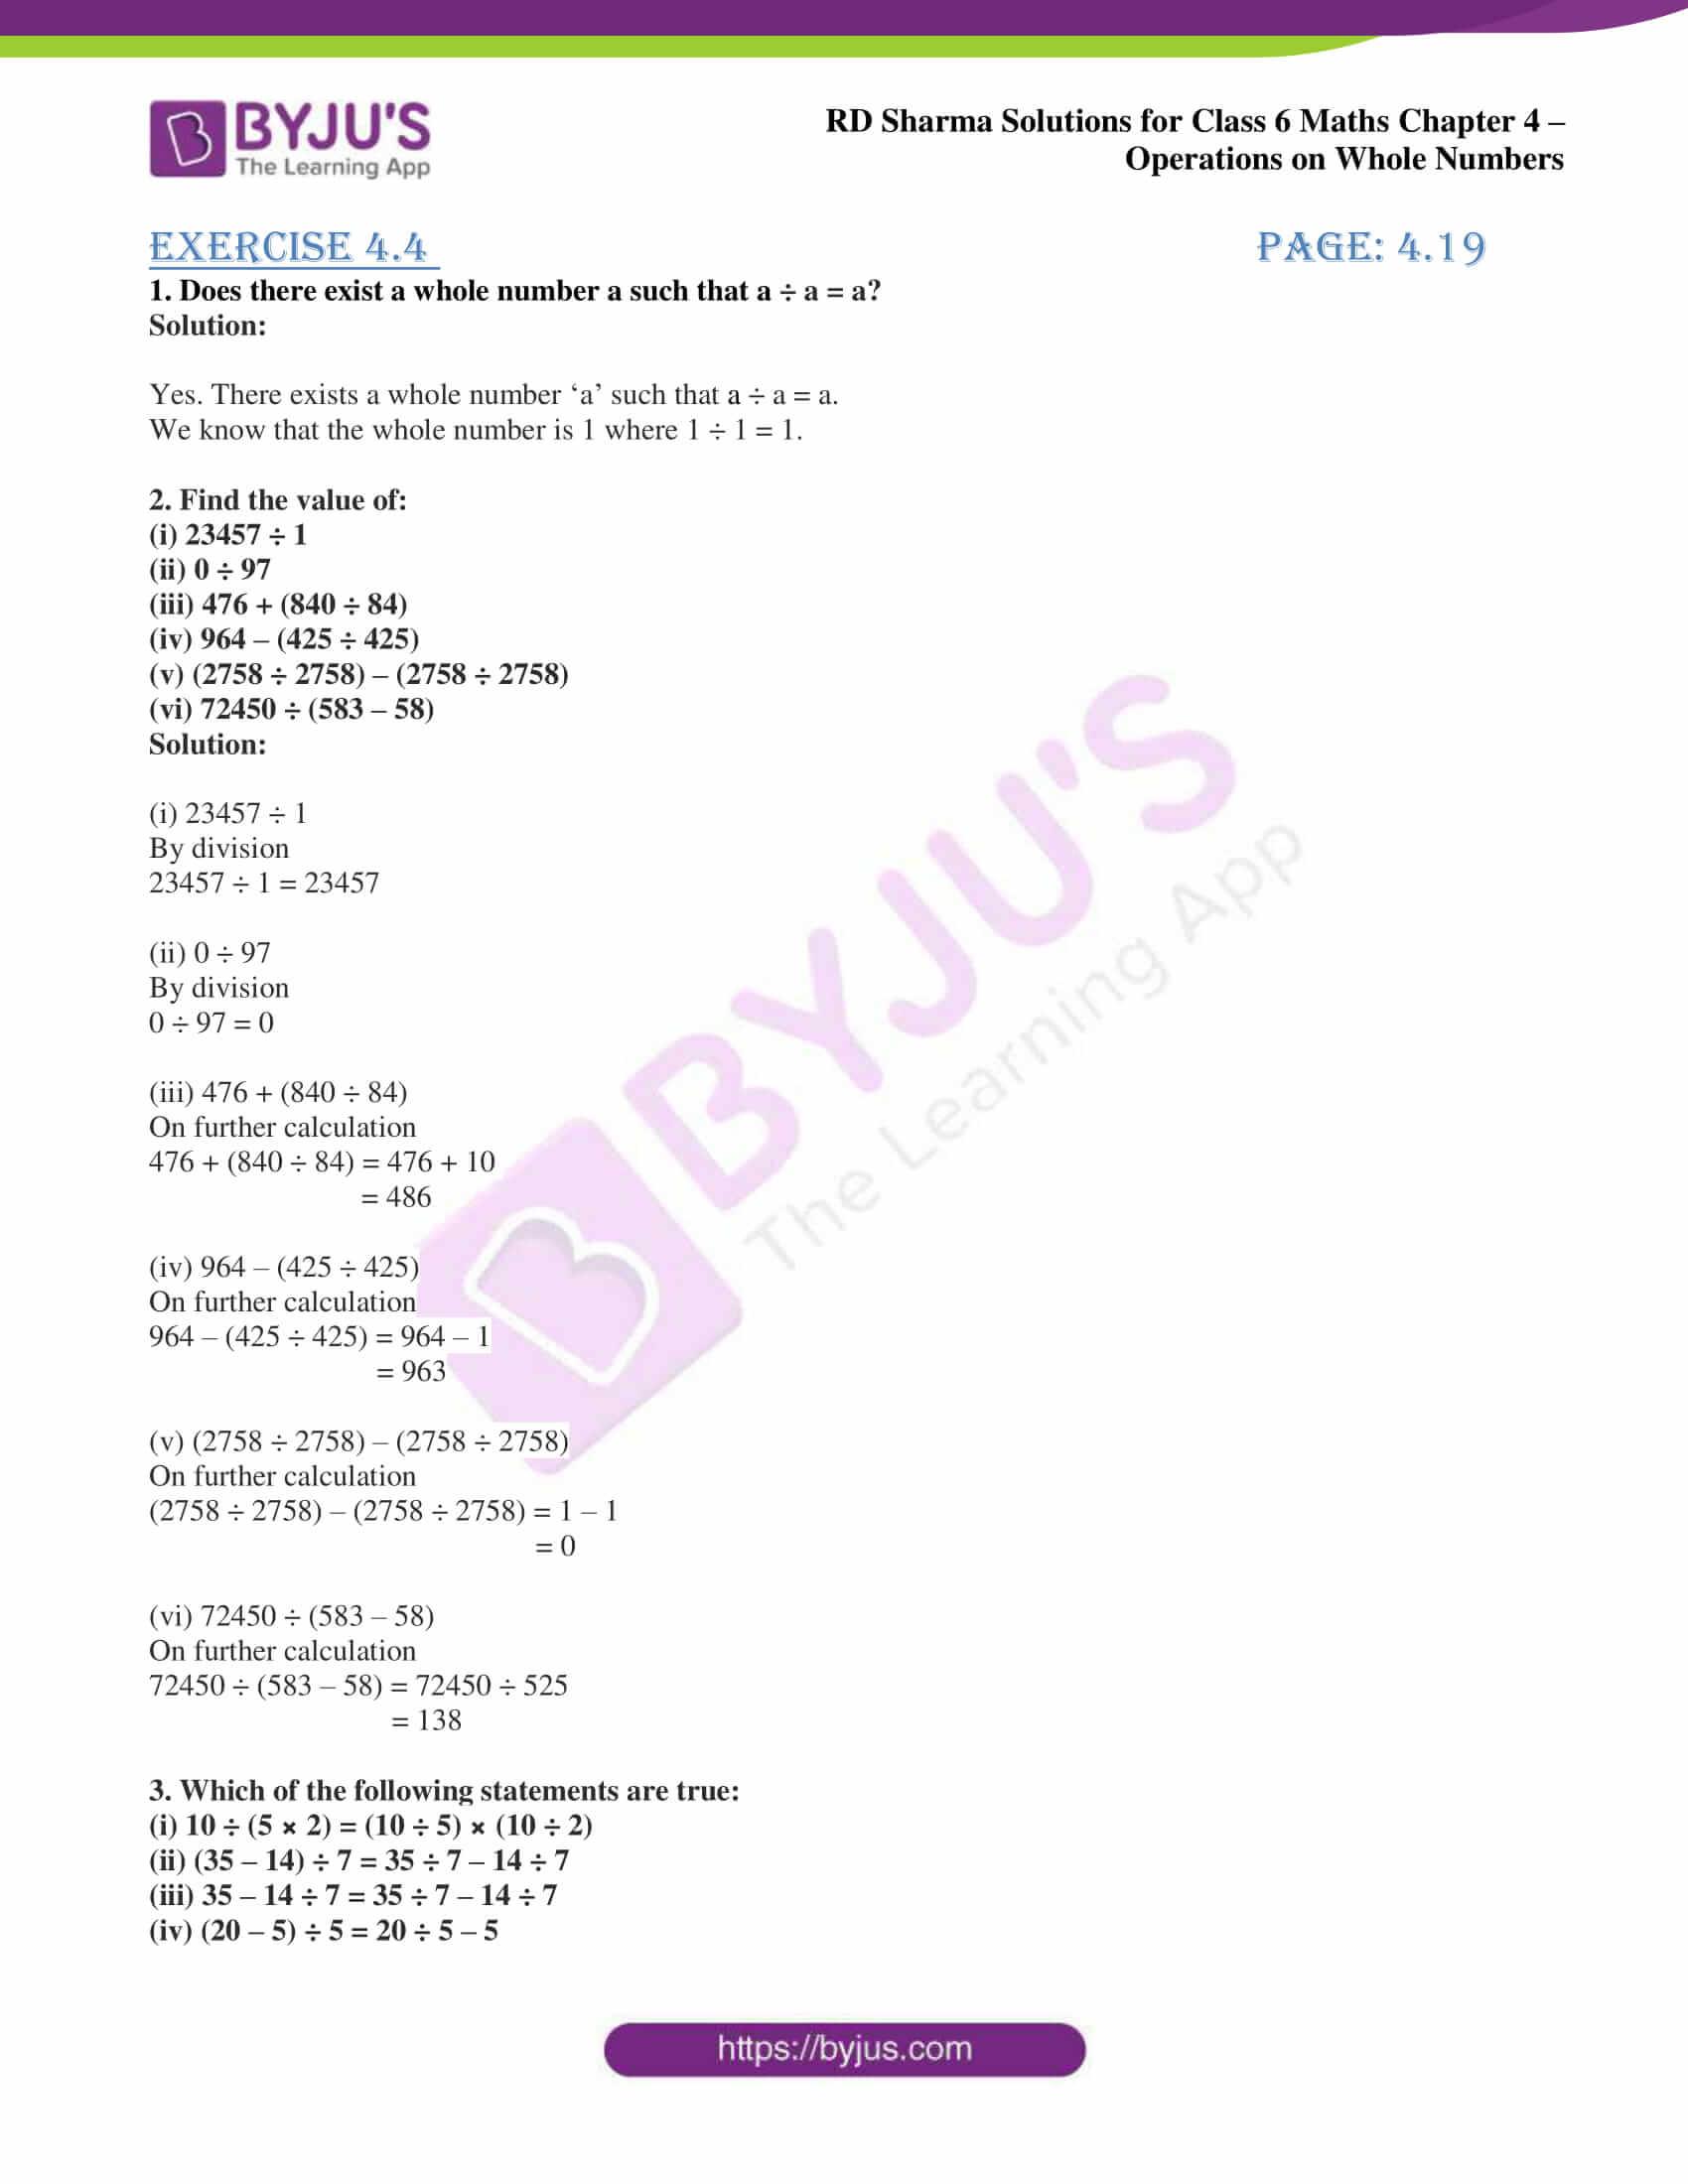 rd sharma class 6 maths solutions chapter 4 ex 4 1